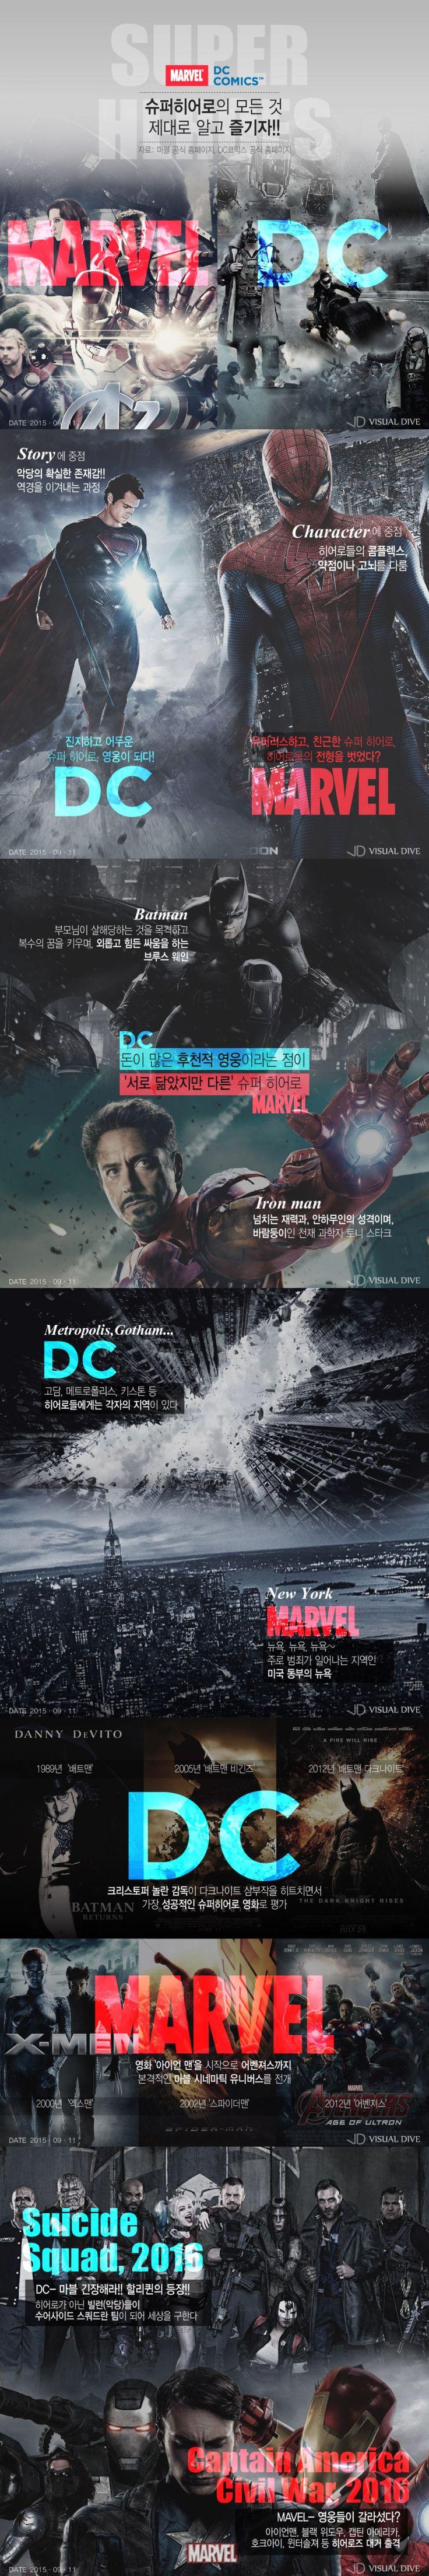 슈퍼히어로 양대 산맥 'DC VS 마블' [인포그래픽] #Super_HERO / #Infographic ⓒ 비주얼다이브 무단 복사·전재·재배포 금지